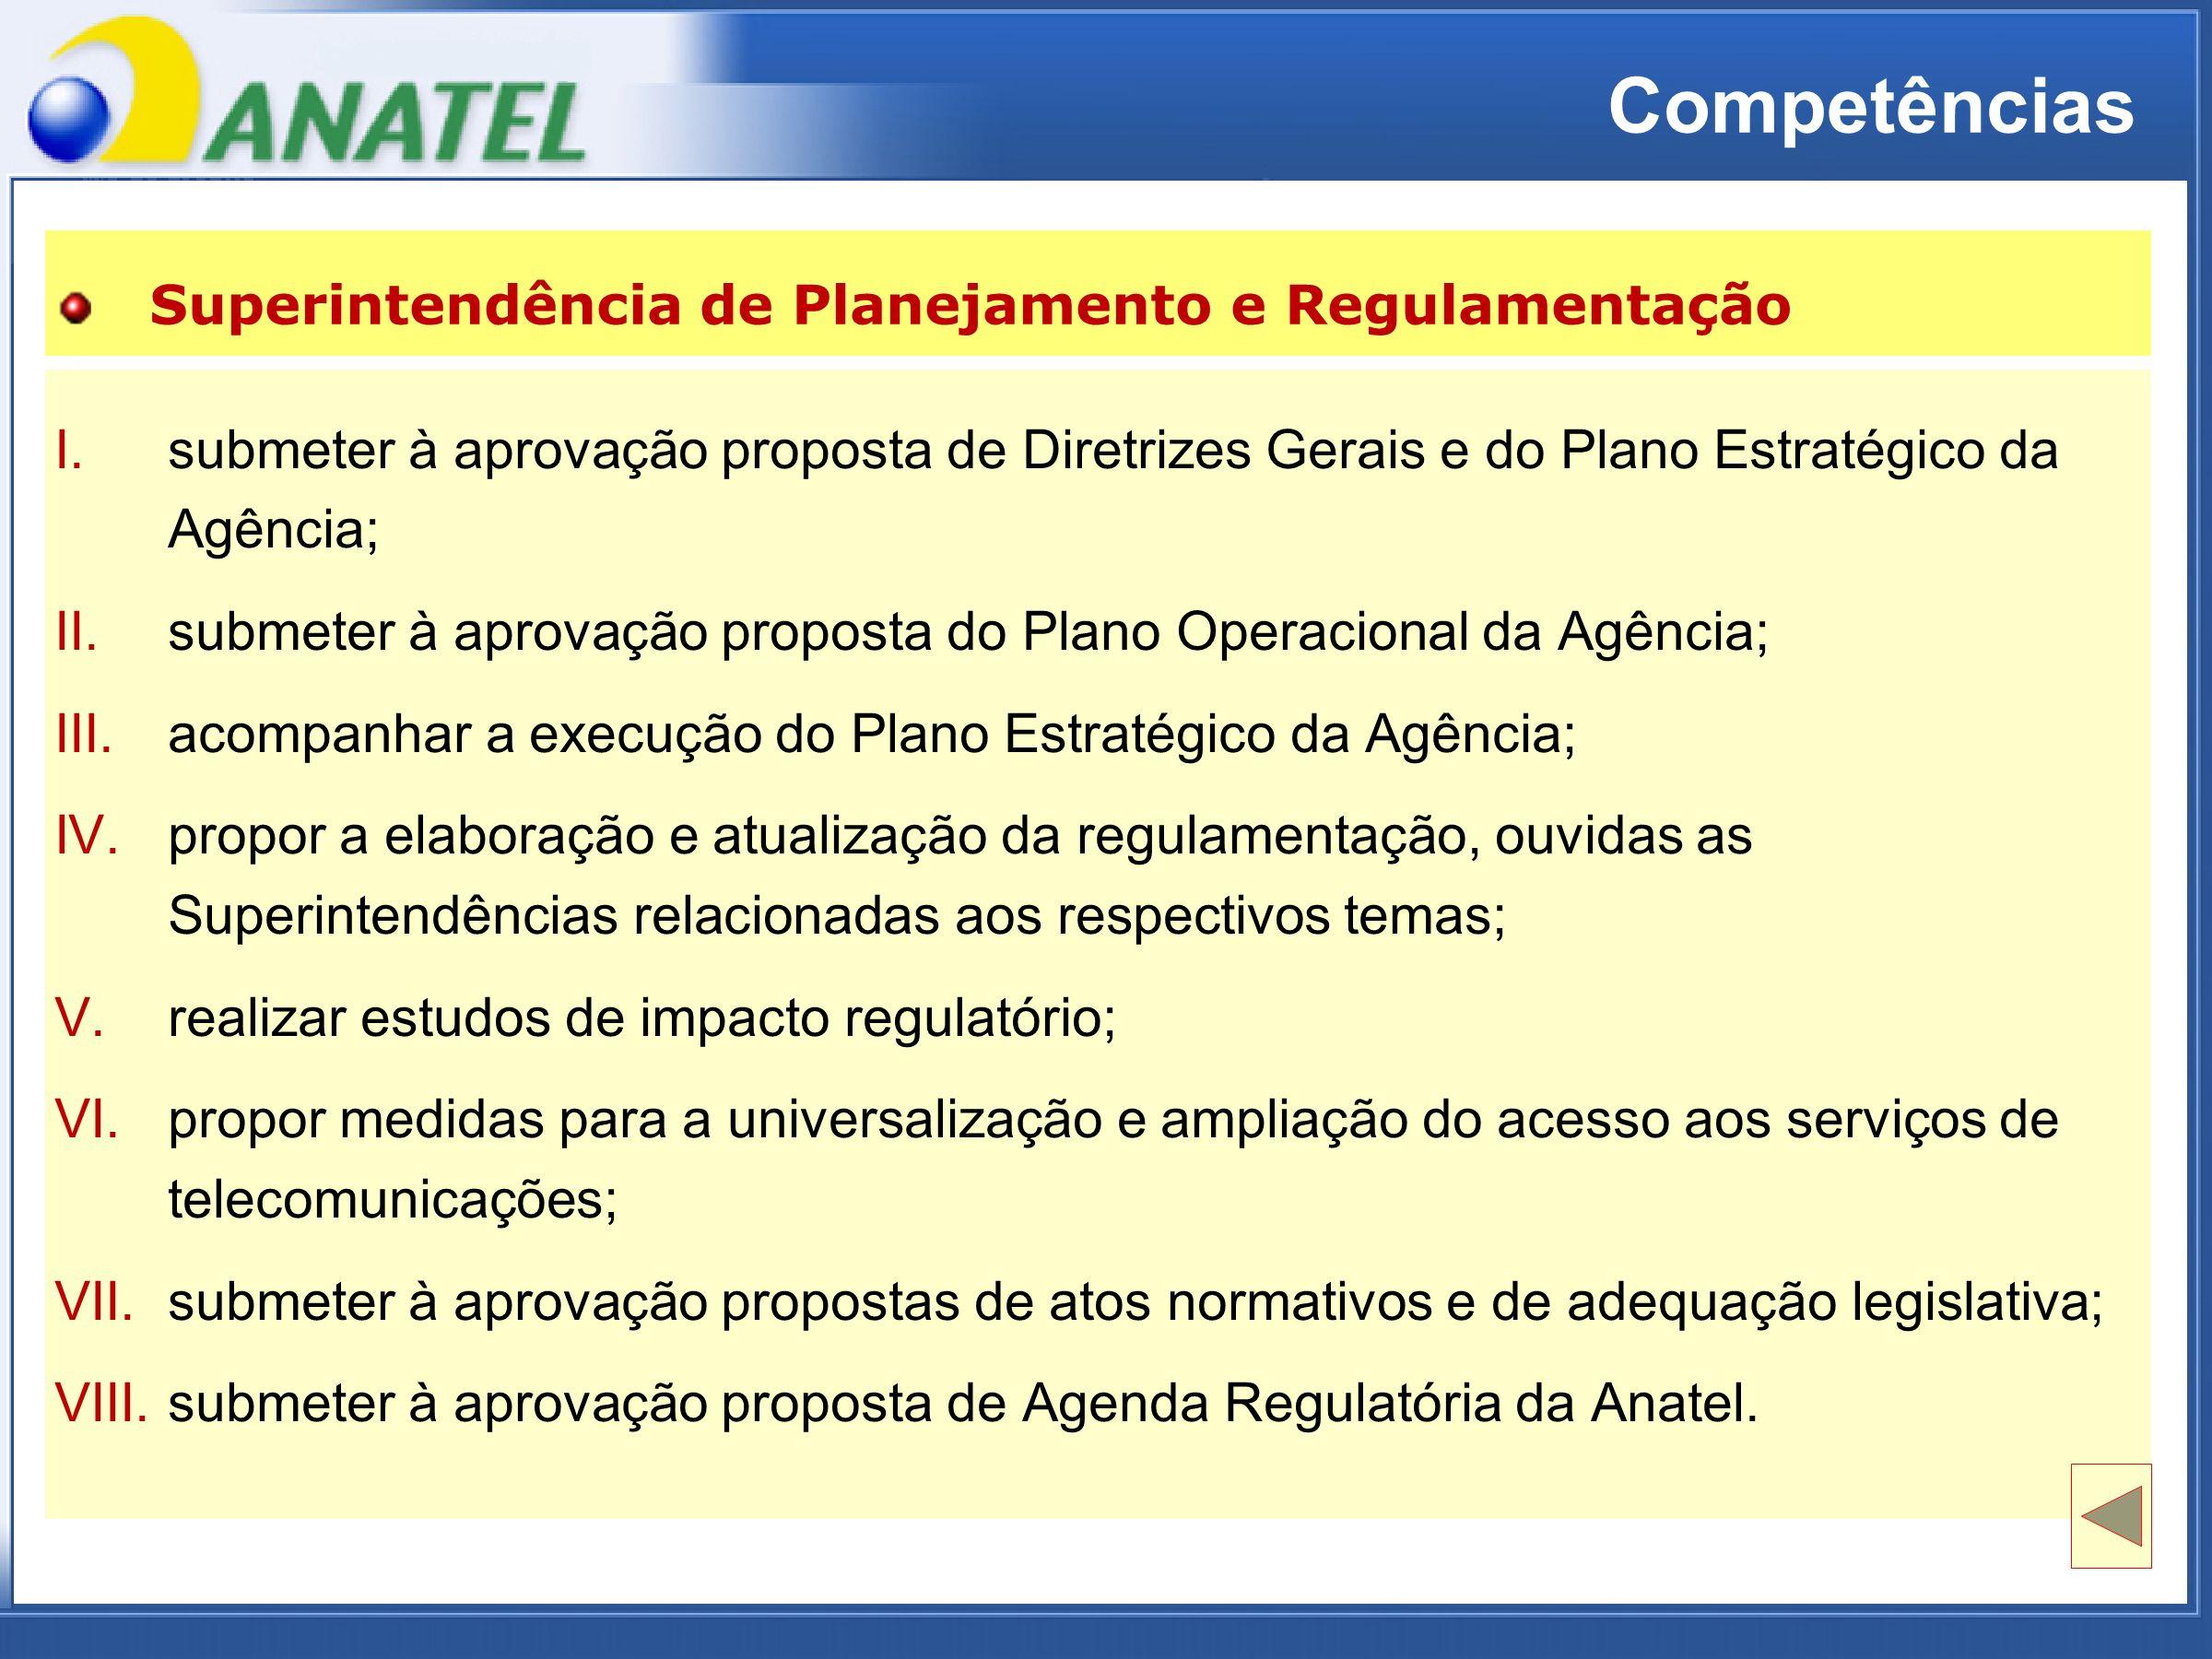 ADTOD Competências I.submeter à aprovação proposta de Diretrizes Gerais e do Plano Estratégico daAgência; I.submeter à aprovação proposta de Diretrizes Gerais e do Plano Estratégico da Agência; II.submeter à aprovação proposta do Plano Operacional da Agência; III.acompanhar a execução do Plano Estratégico da Agência; IV.propor a elaboração e atualização da regulamentação, ouvidas asSuperintendências relacionadas aos respectivos temas; IV.propor a elaboração e atualização da regulamentação, ouvidas as Superintendências relacionadas aos respectivos temas; V.realizar estudos de impacto regulatório; VI.propor medidas para a universalização e ampliação do acesso aos serviços detelecomunicações; VI.propor medidas para a universalização e ampliação do acesso aos serviços de telecomunicações; VII.submeter à aprovação propostas de atos normativos e de adequação legislativa; VIII.submeter à aprovação proposta de Agenda Regulatória da Anatel.